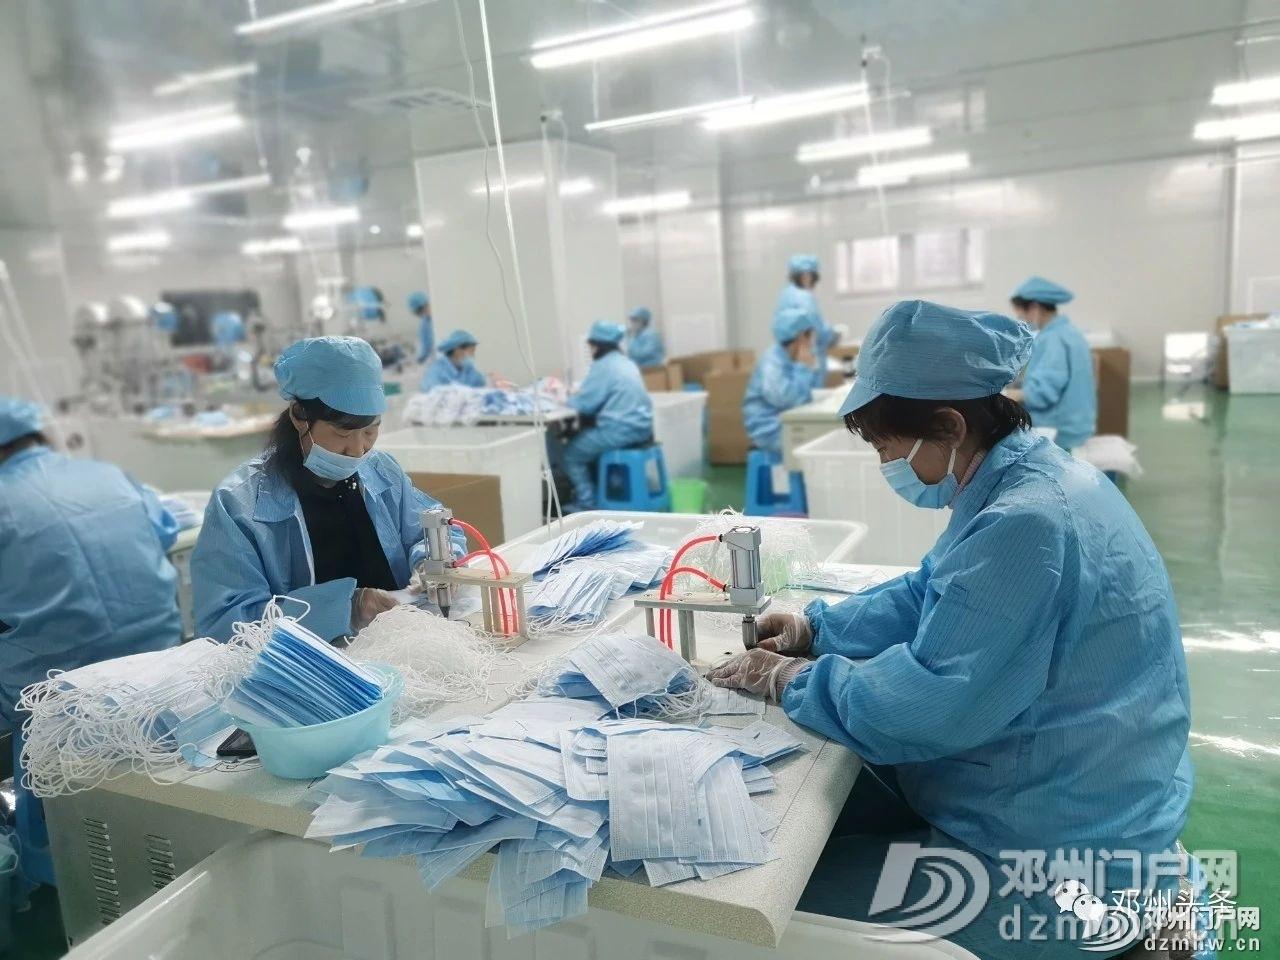 【生产生活加快恢复】 我市一季度经济社会发展大局稳定 - 邓州门户网|邓州网 - a7d59de38fc8fbb637b2e80e016796cf.jpg